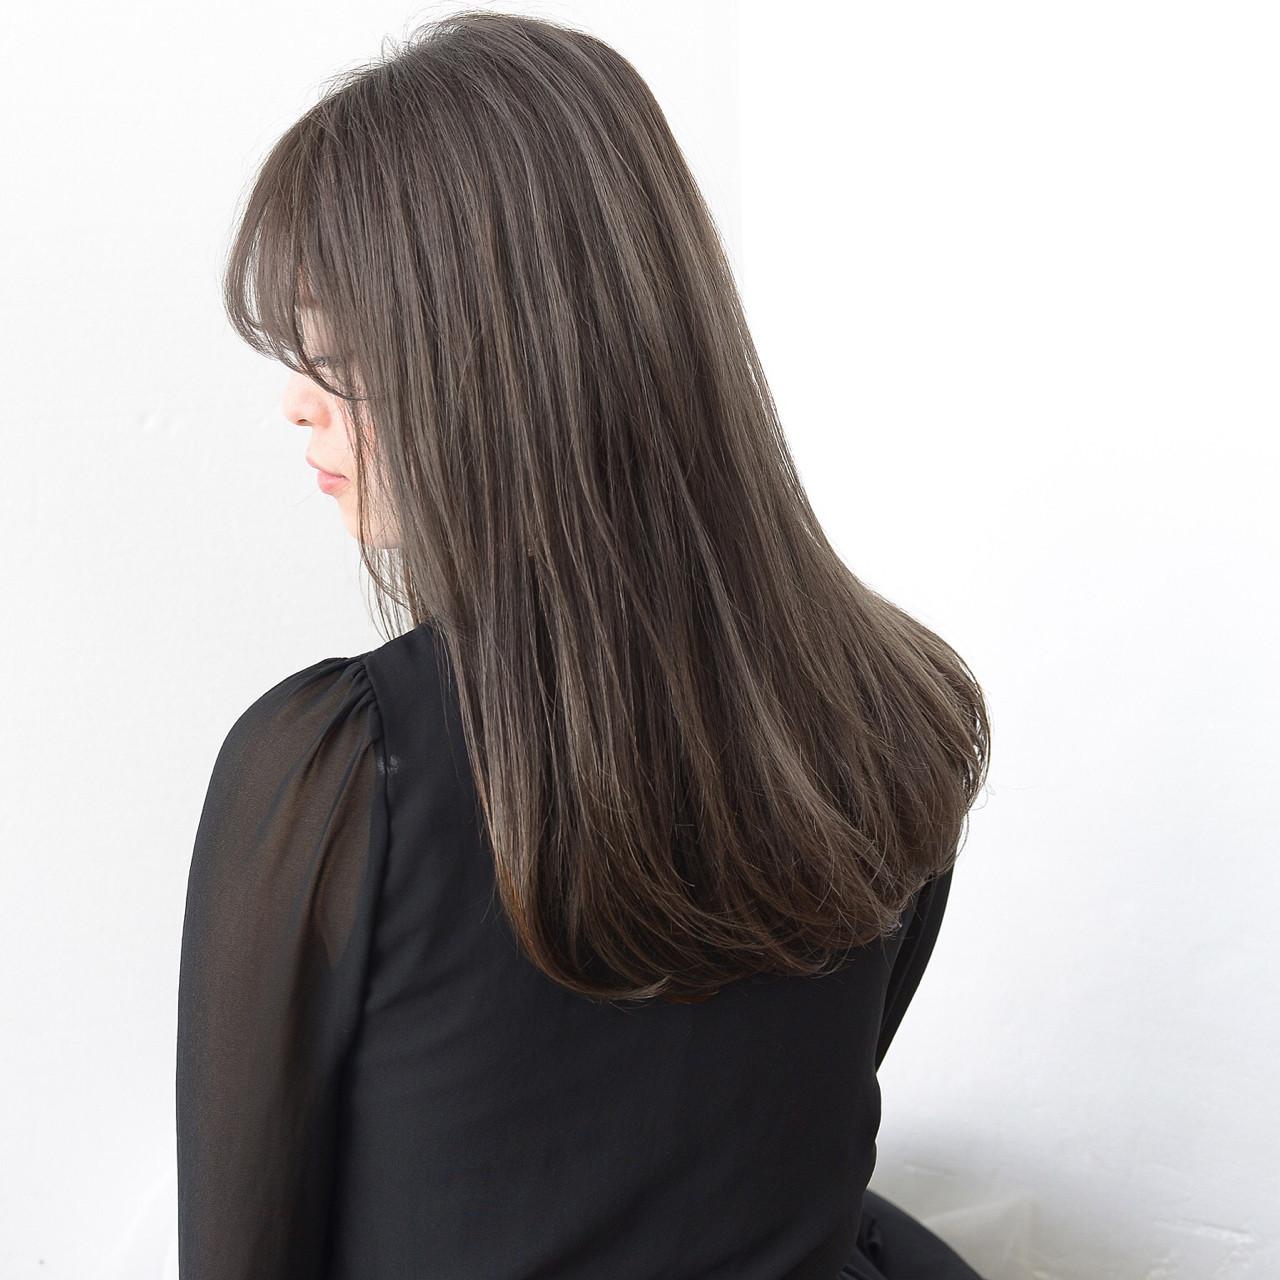 セミロング アッシュ 透明感 グレージュ ヘアスタイルや髪型の写真・画像